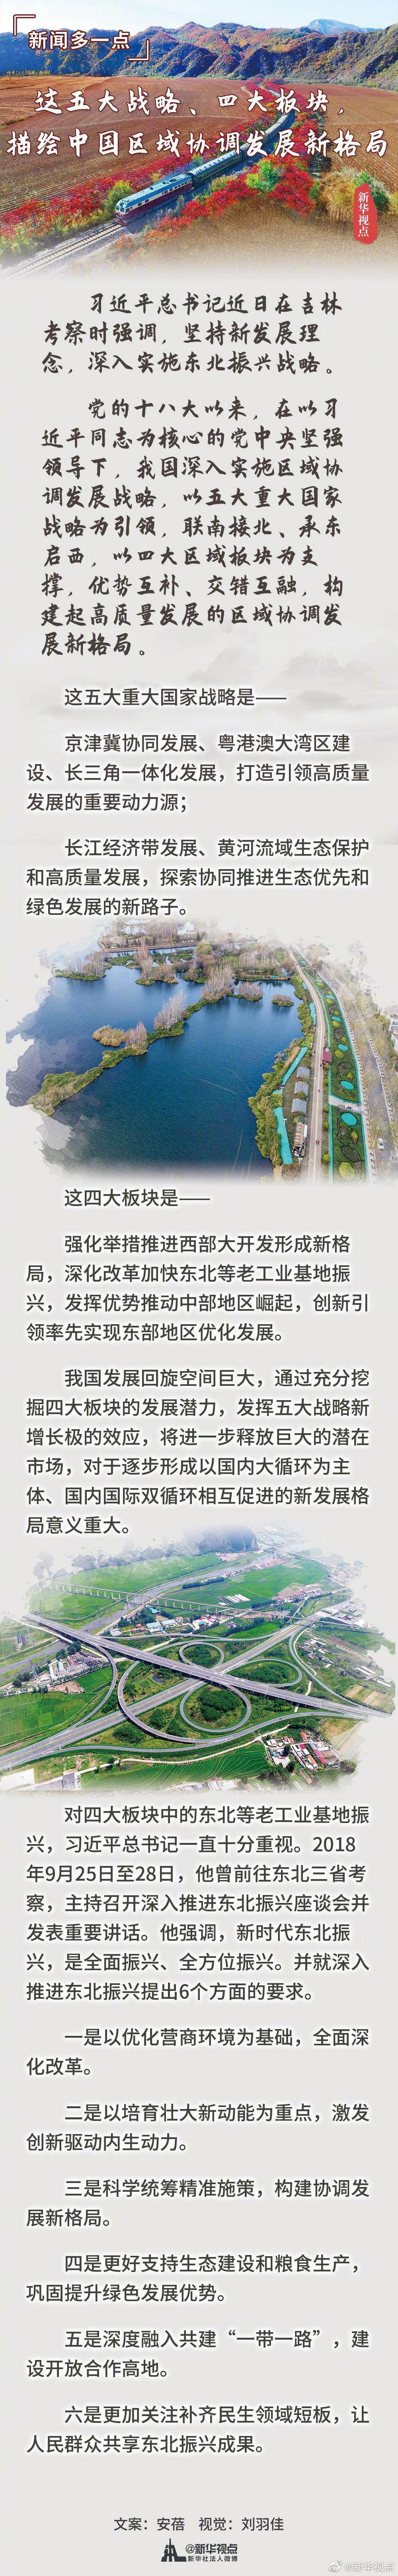 新闻多一点|这五大战略、四大板块,描绘中国区域协调发展新格局